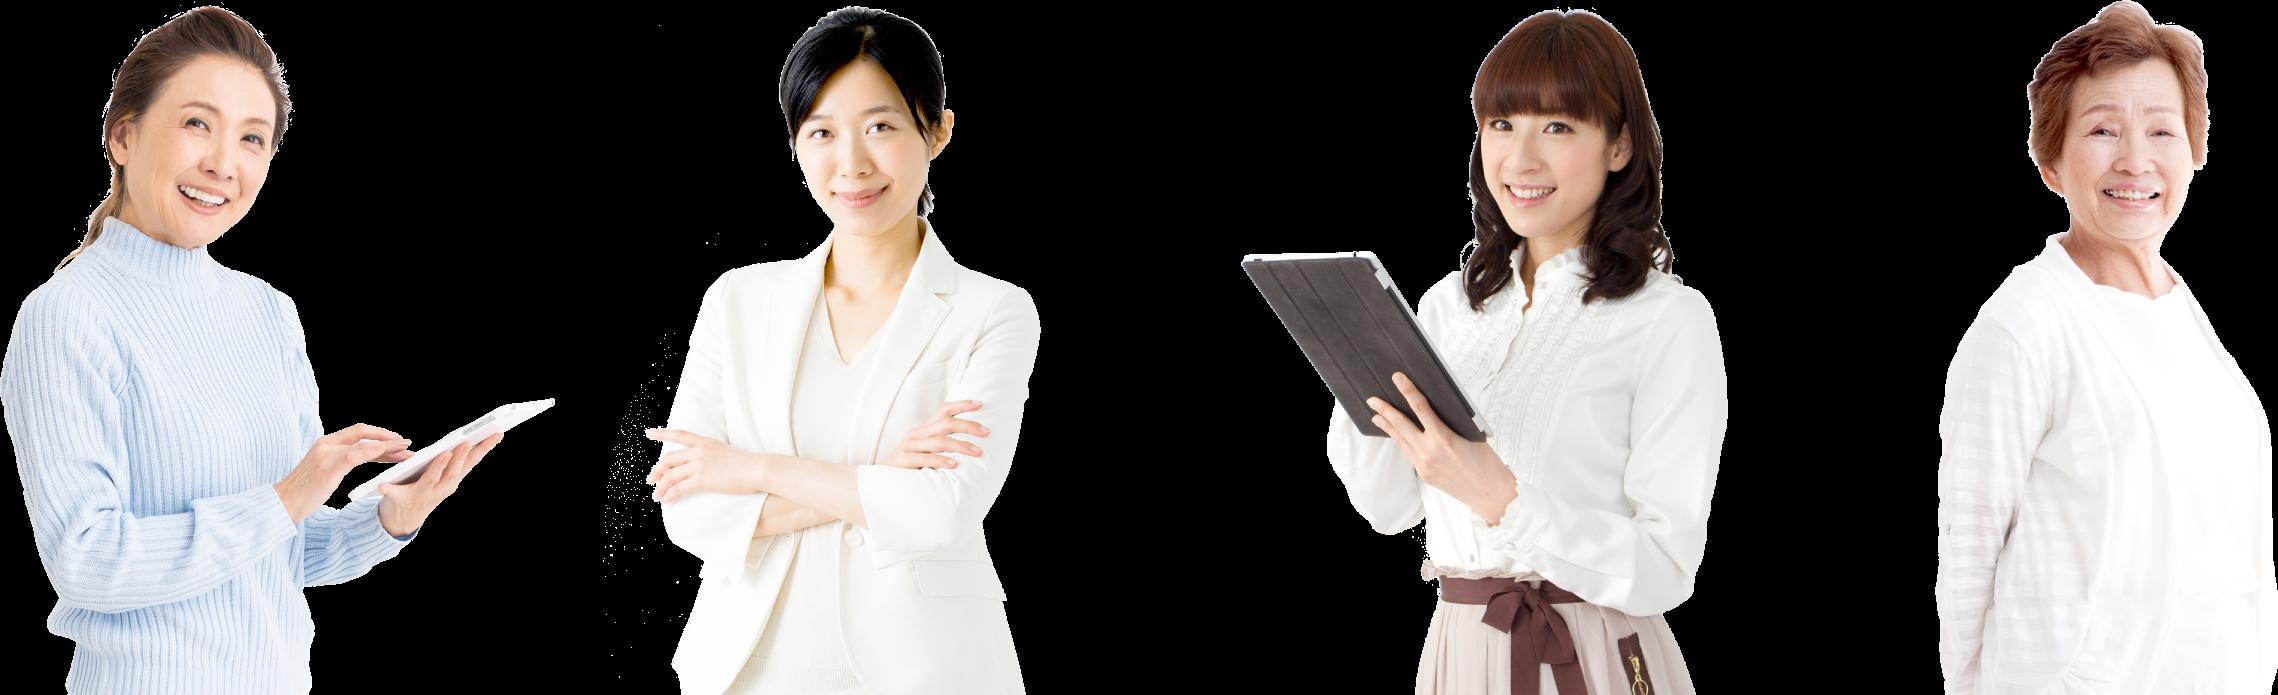 イメージ - あなたもサービス管理責任者に! 注目の障がい福祉業界で求人を探すなら、 人気の職種「サービス管理責任者」として働いてみませんか。 「スマフク」は、サービス管理責任者のお仕事求人に特化した転職サイト。 全国各地、あなたの地域で活躍できる求人をたくさんご用意しています。